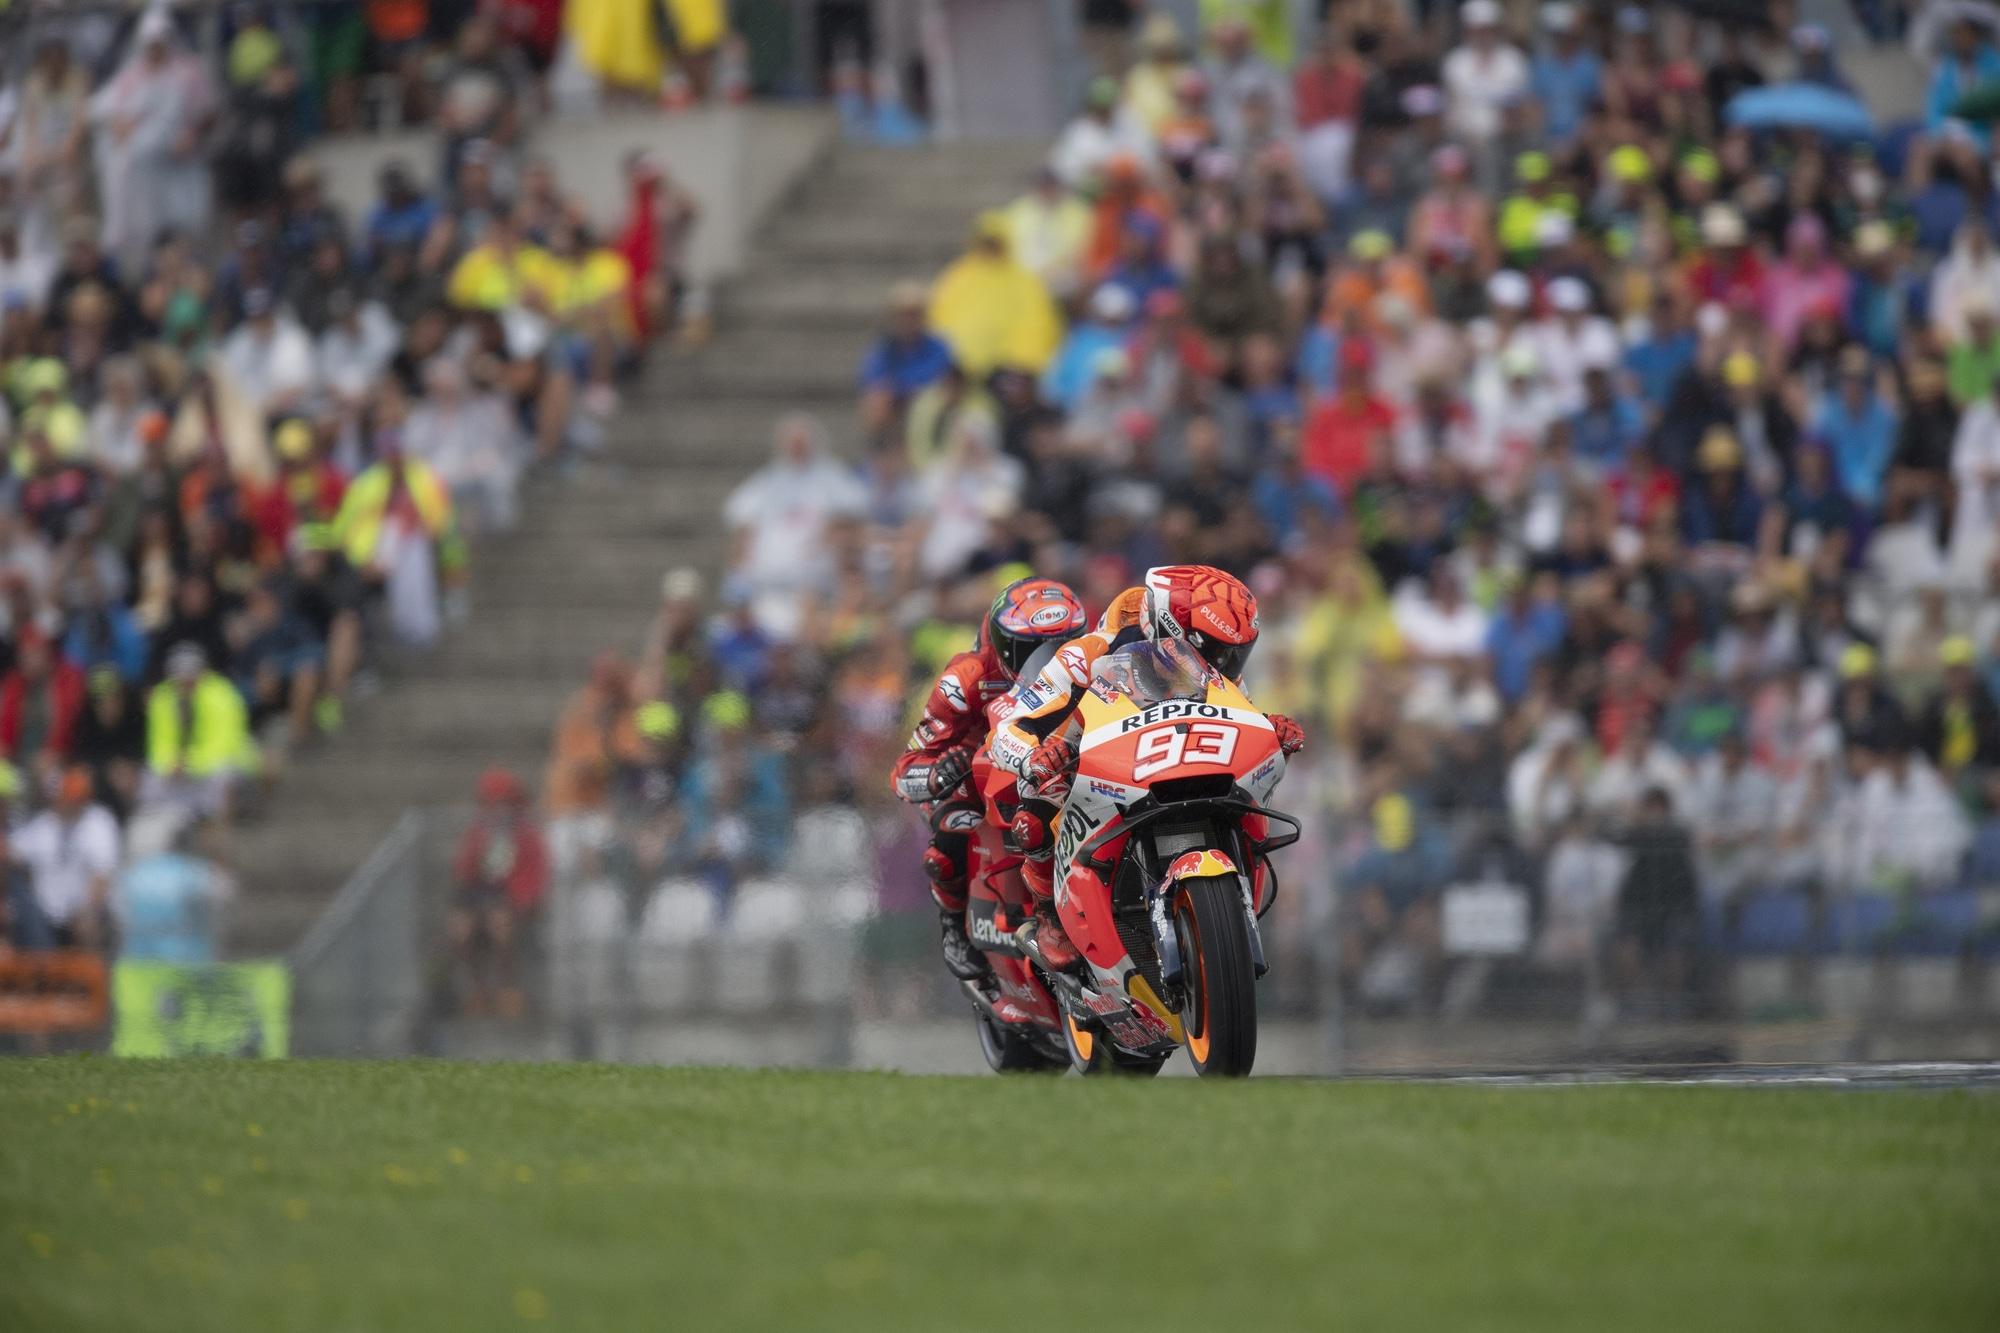 """223557156 21844466 e8f8 46ba 8656 74f134dfe5f1 - MotoGp, Marquez: """"La mia miglior gara dell'anno"""""""